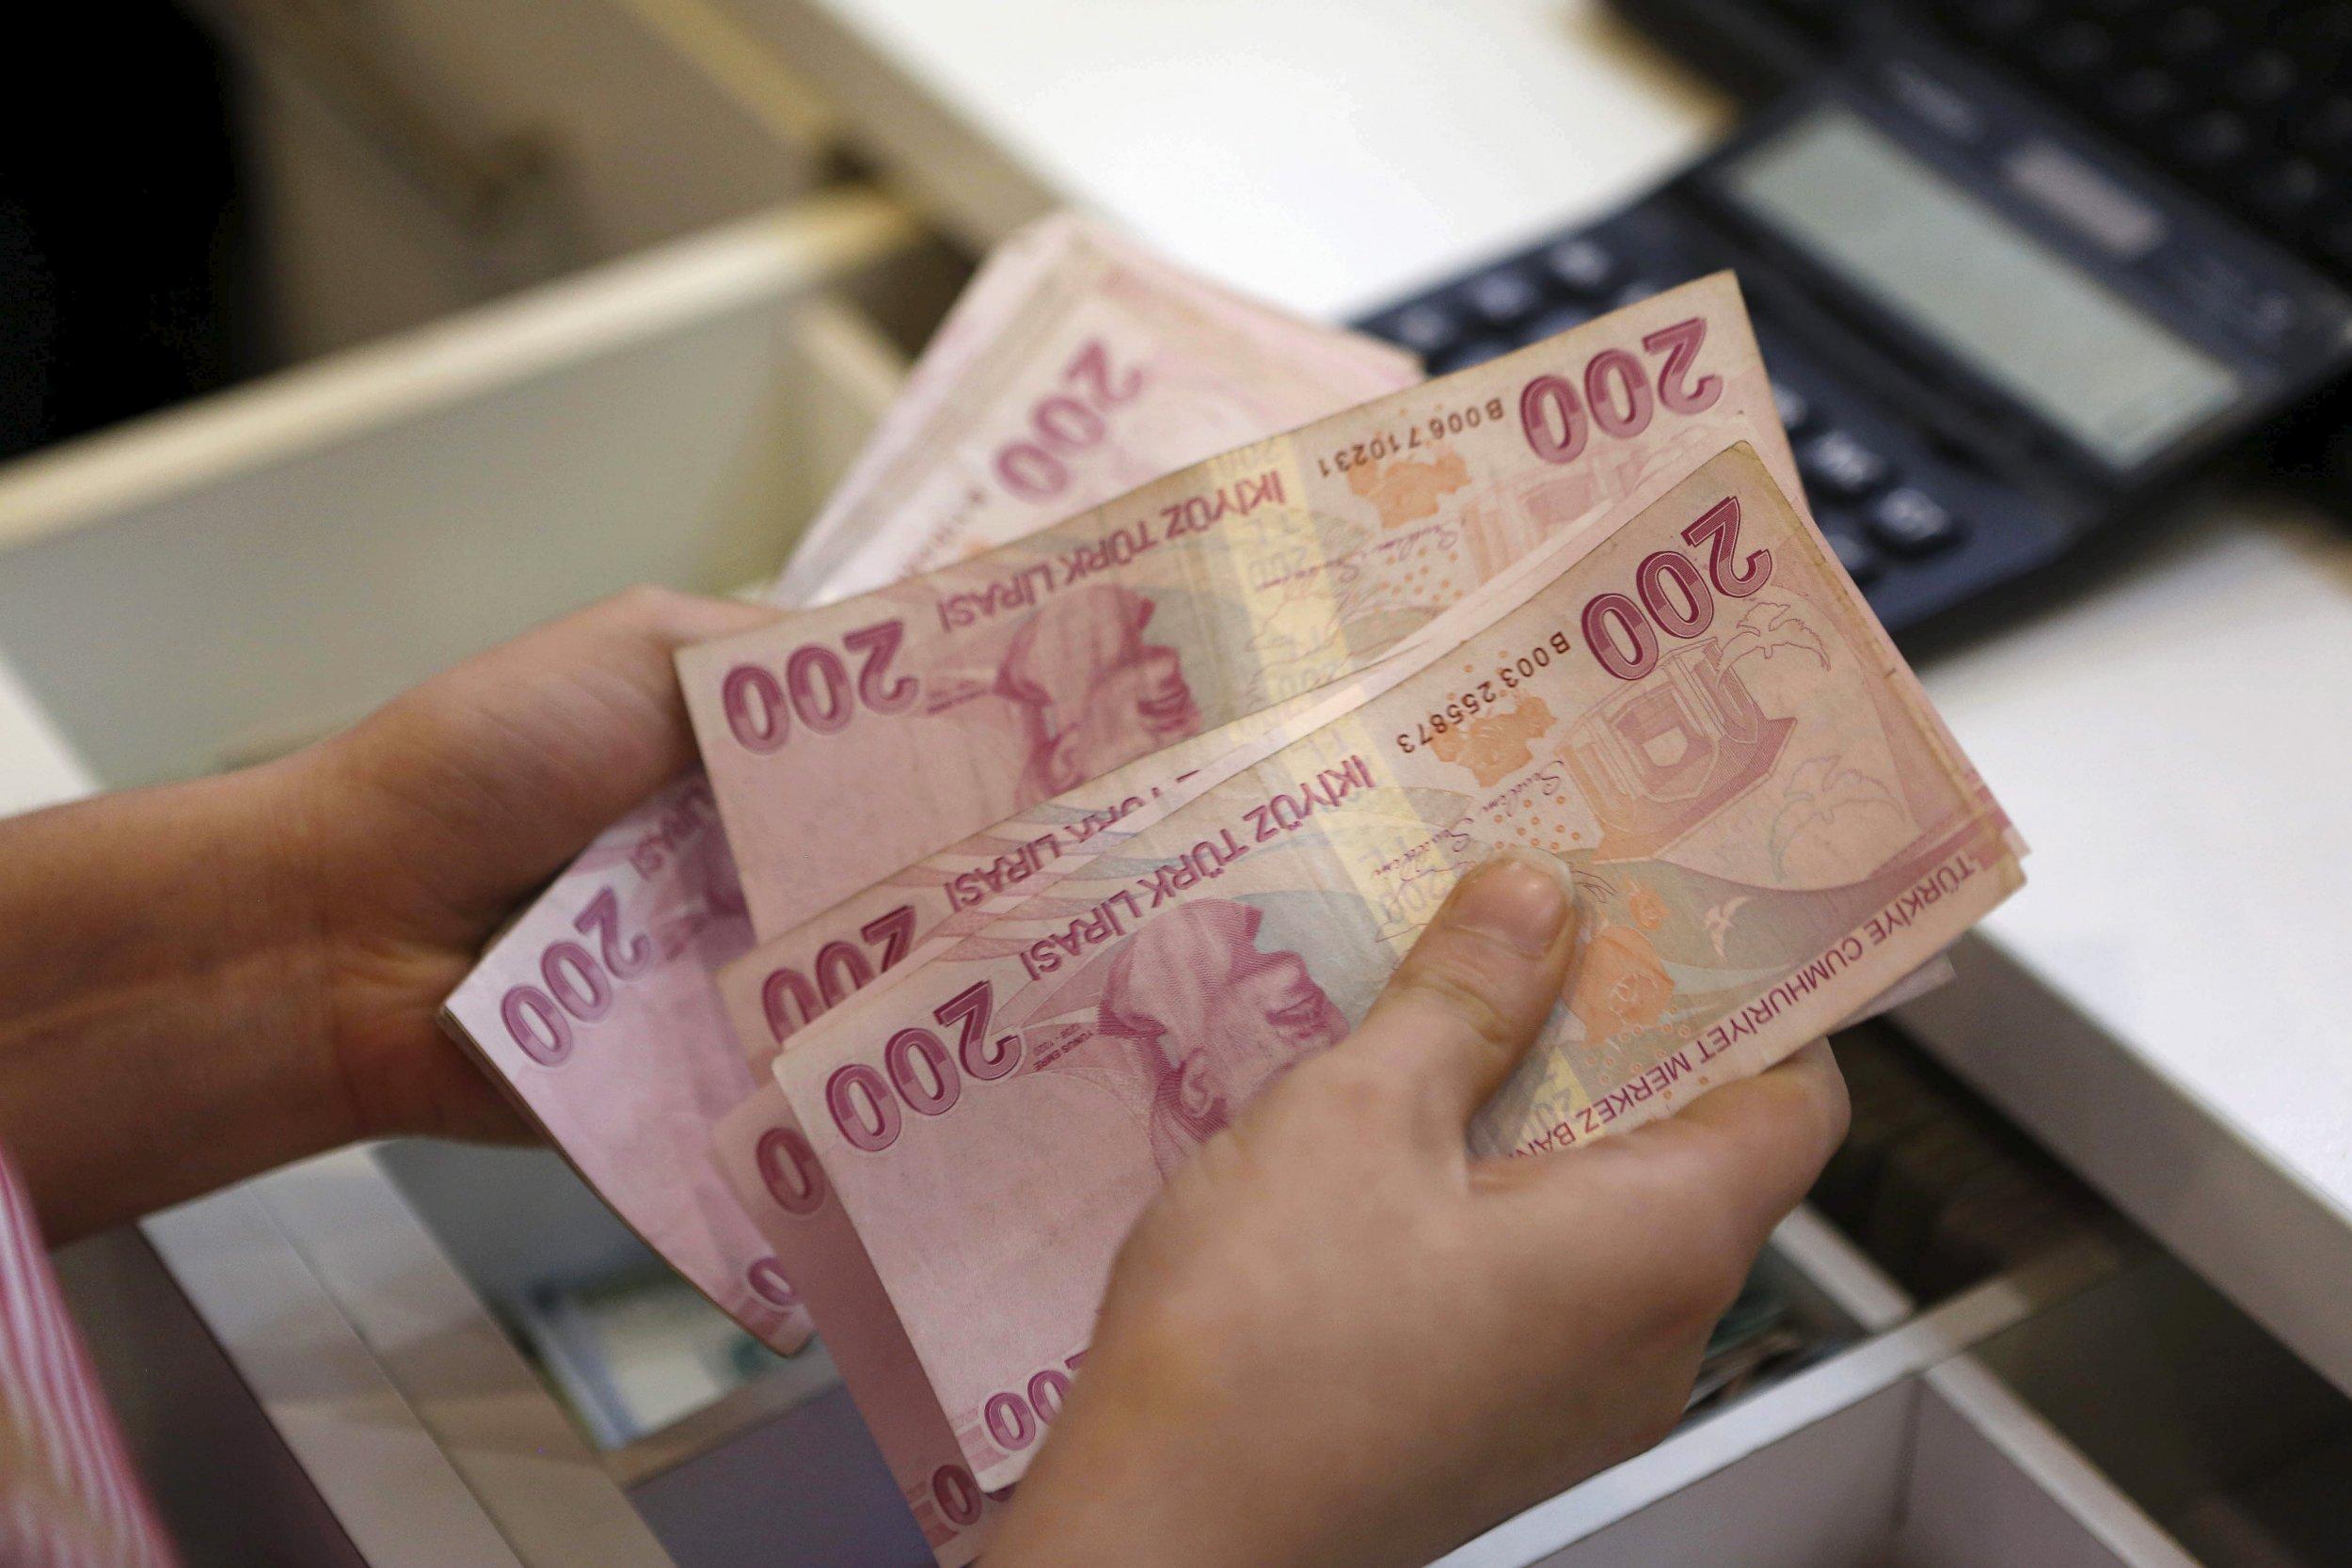 Turkish bank notes